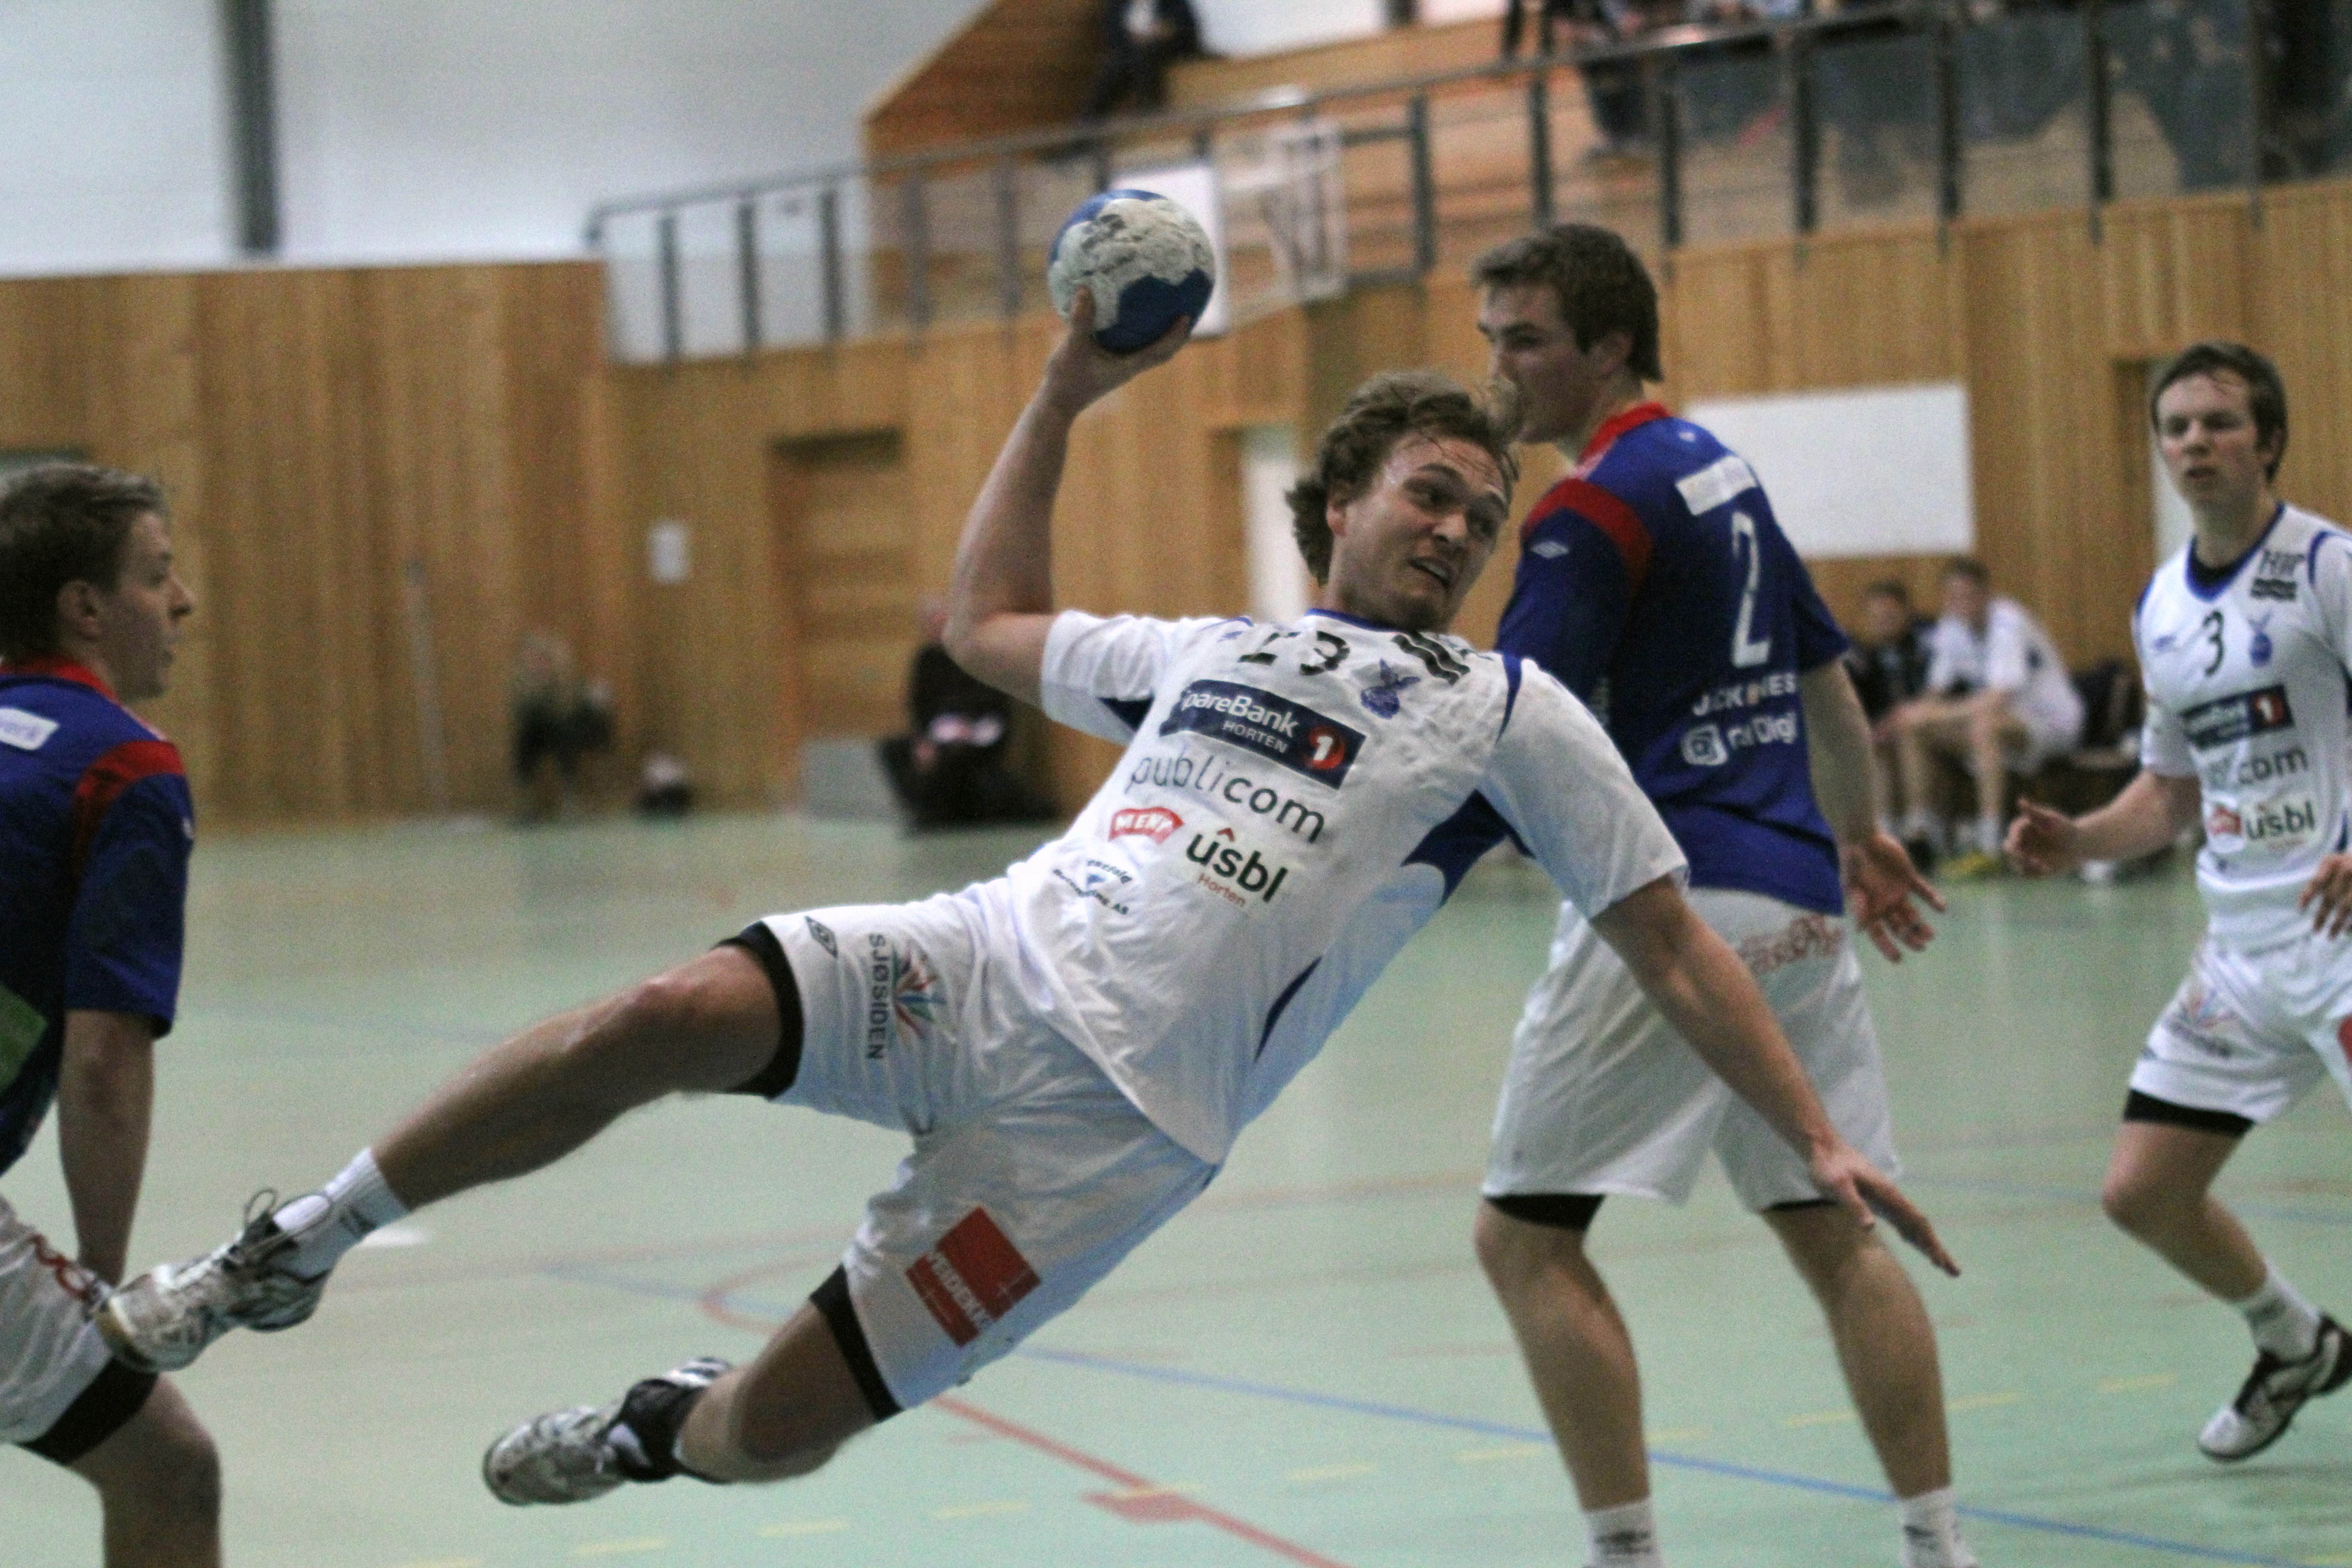 Ole Cato Holden scoret fem mål for Falk Horten mot Vålerenga